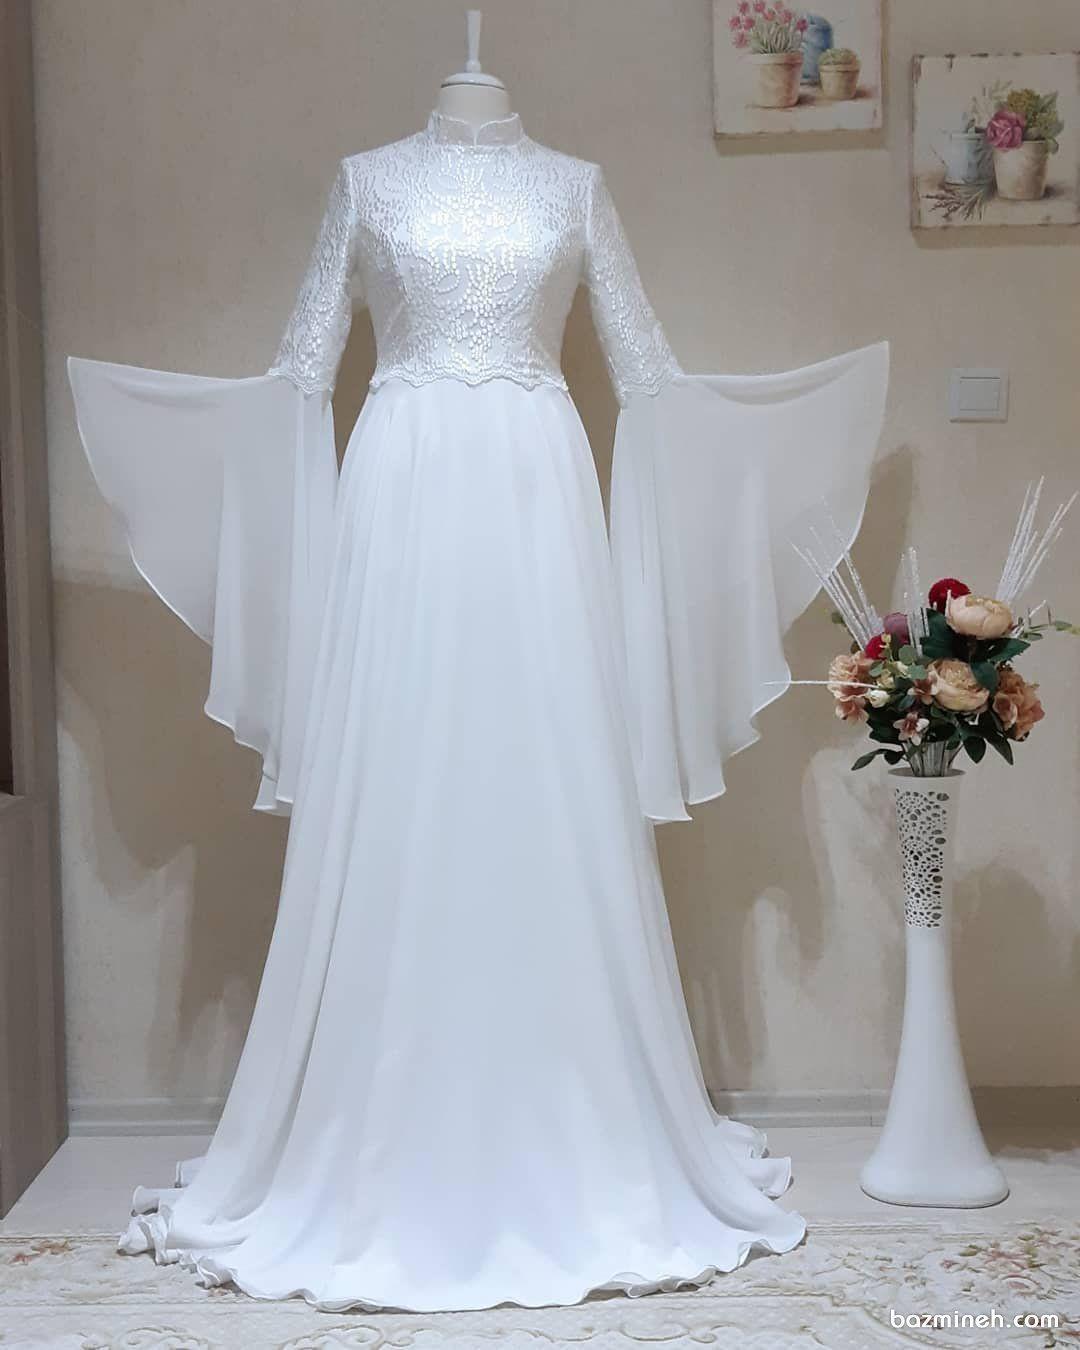 لباس عروس حریر با یقه مدل آخوندی و آستین های کلوش پیشنهادی پوشیده و زیبا  برای عروس خانم ها در روز فرمالیته عروسی | Dresses, Wedding dresses, Crochet  dress